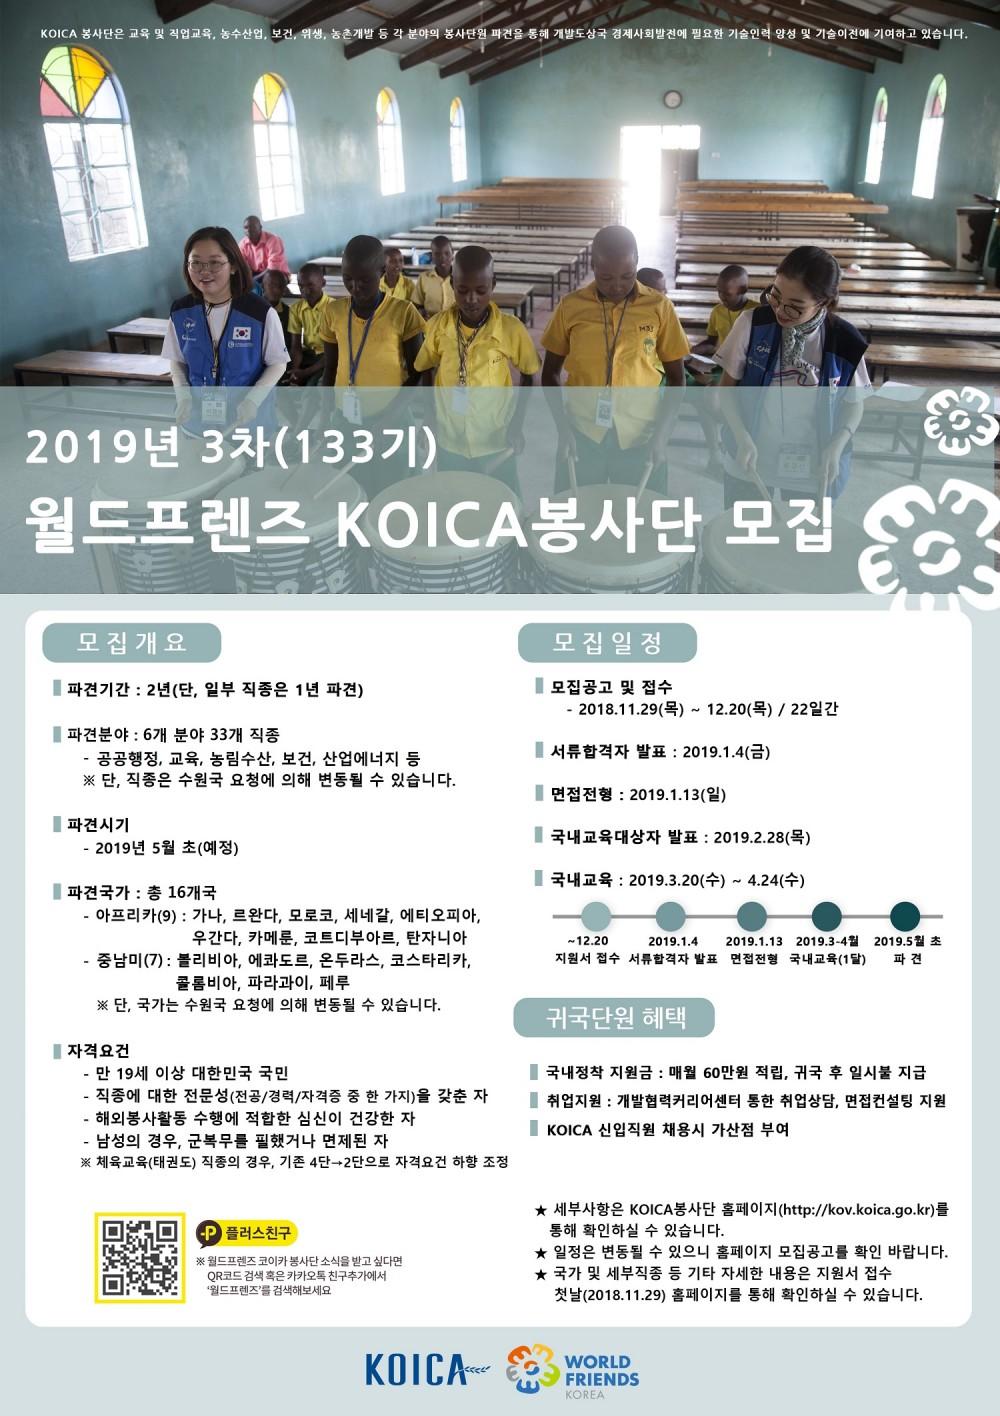 2019년 3차 월드프렌즈 코이카봉사단(133기) 모집 포스터.jpg